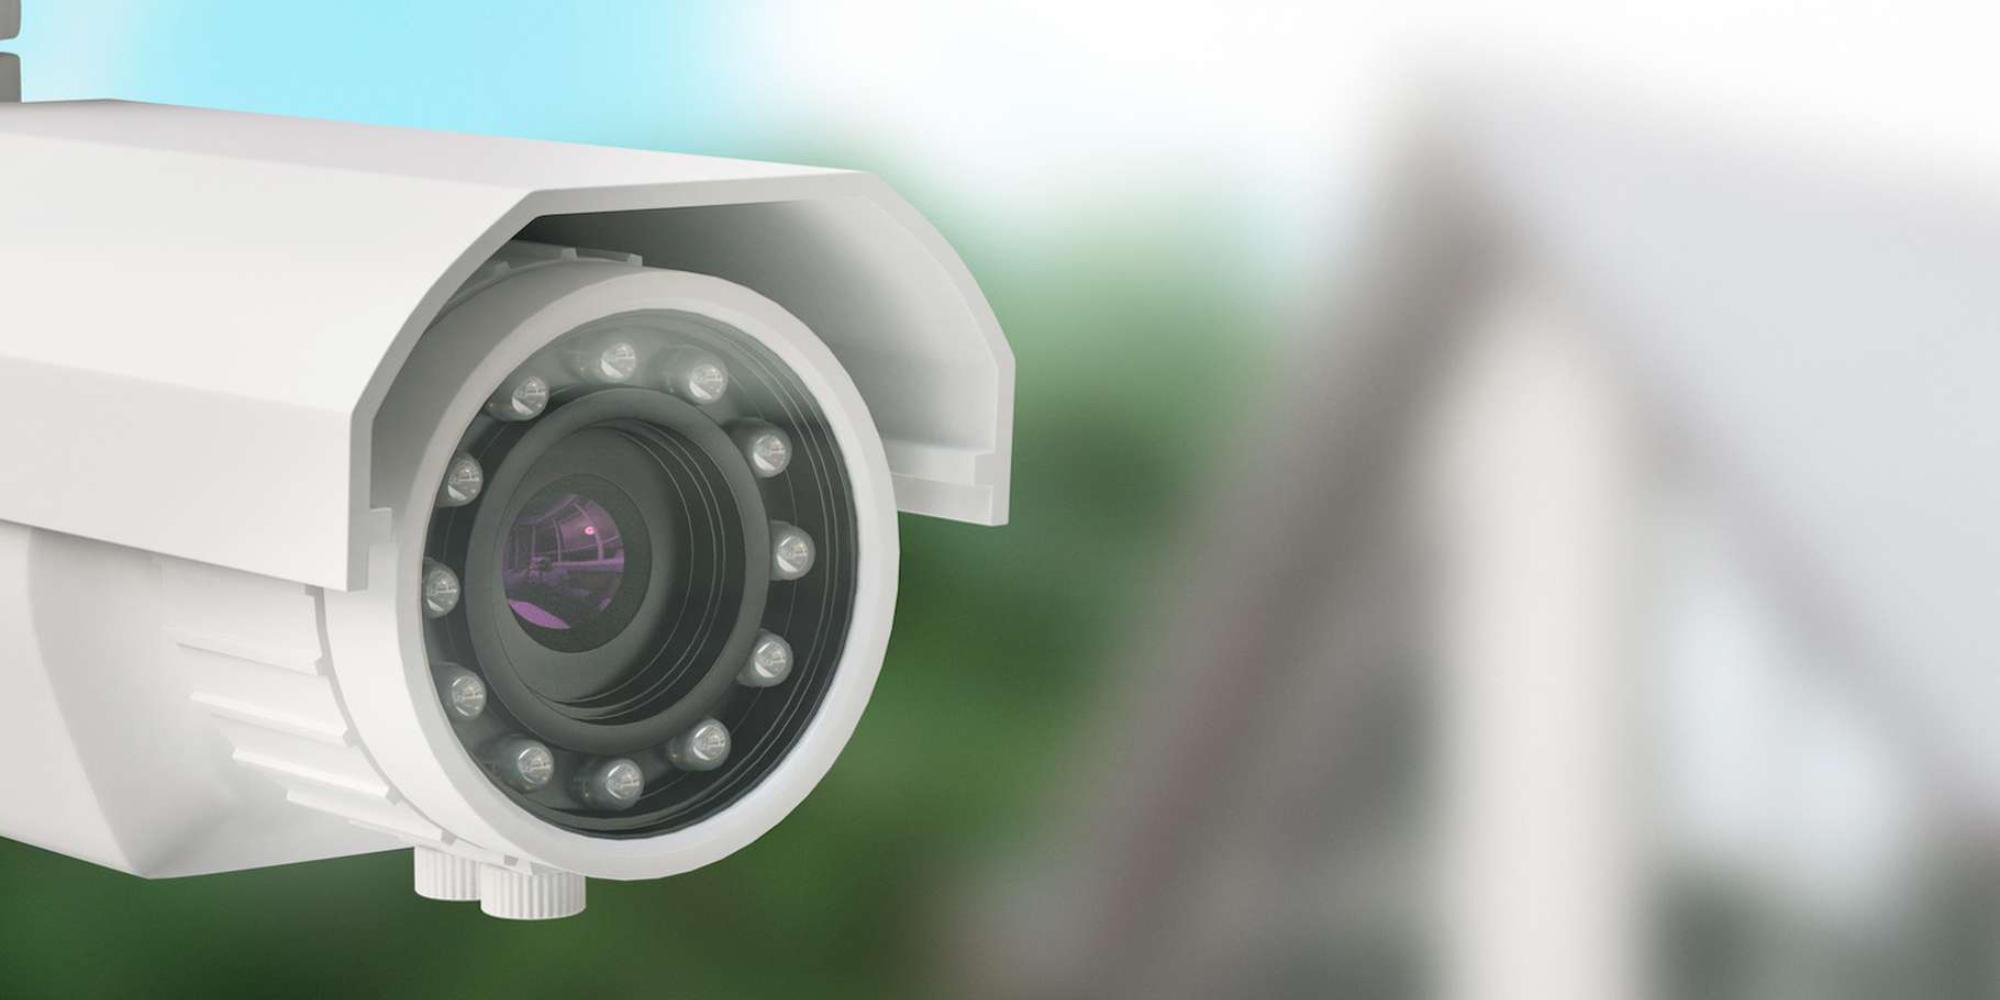 Comment bien choisir sa caméra de surveillance ?